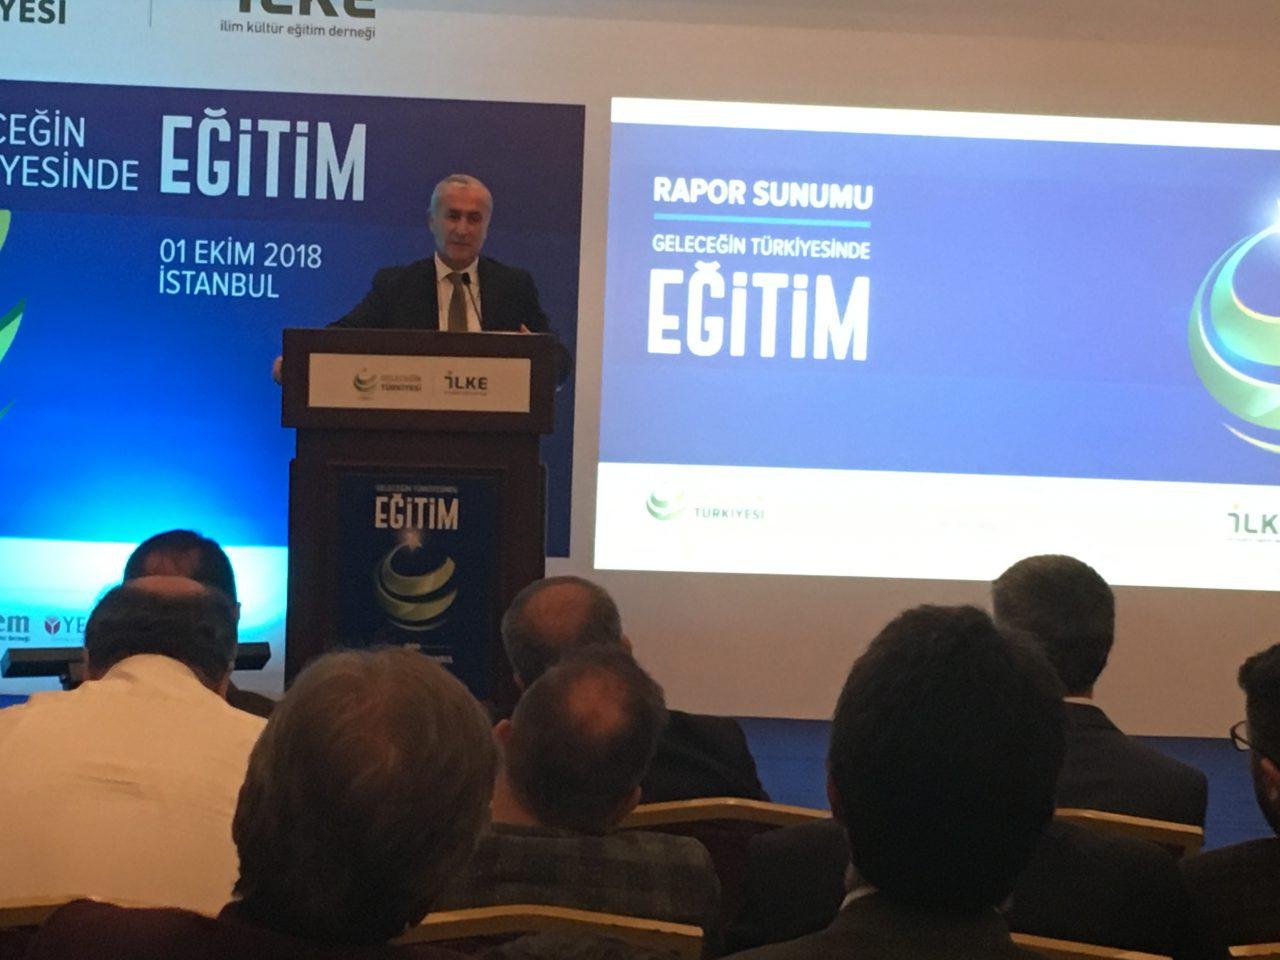 """İlim Kültür Eğitim Derneği """"Geleceğin Türkiyesi'nde Eğitim"""" Raporunu Sundu"""